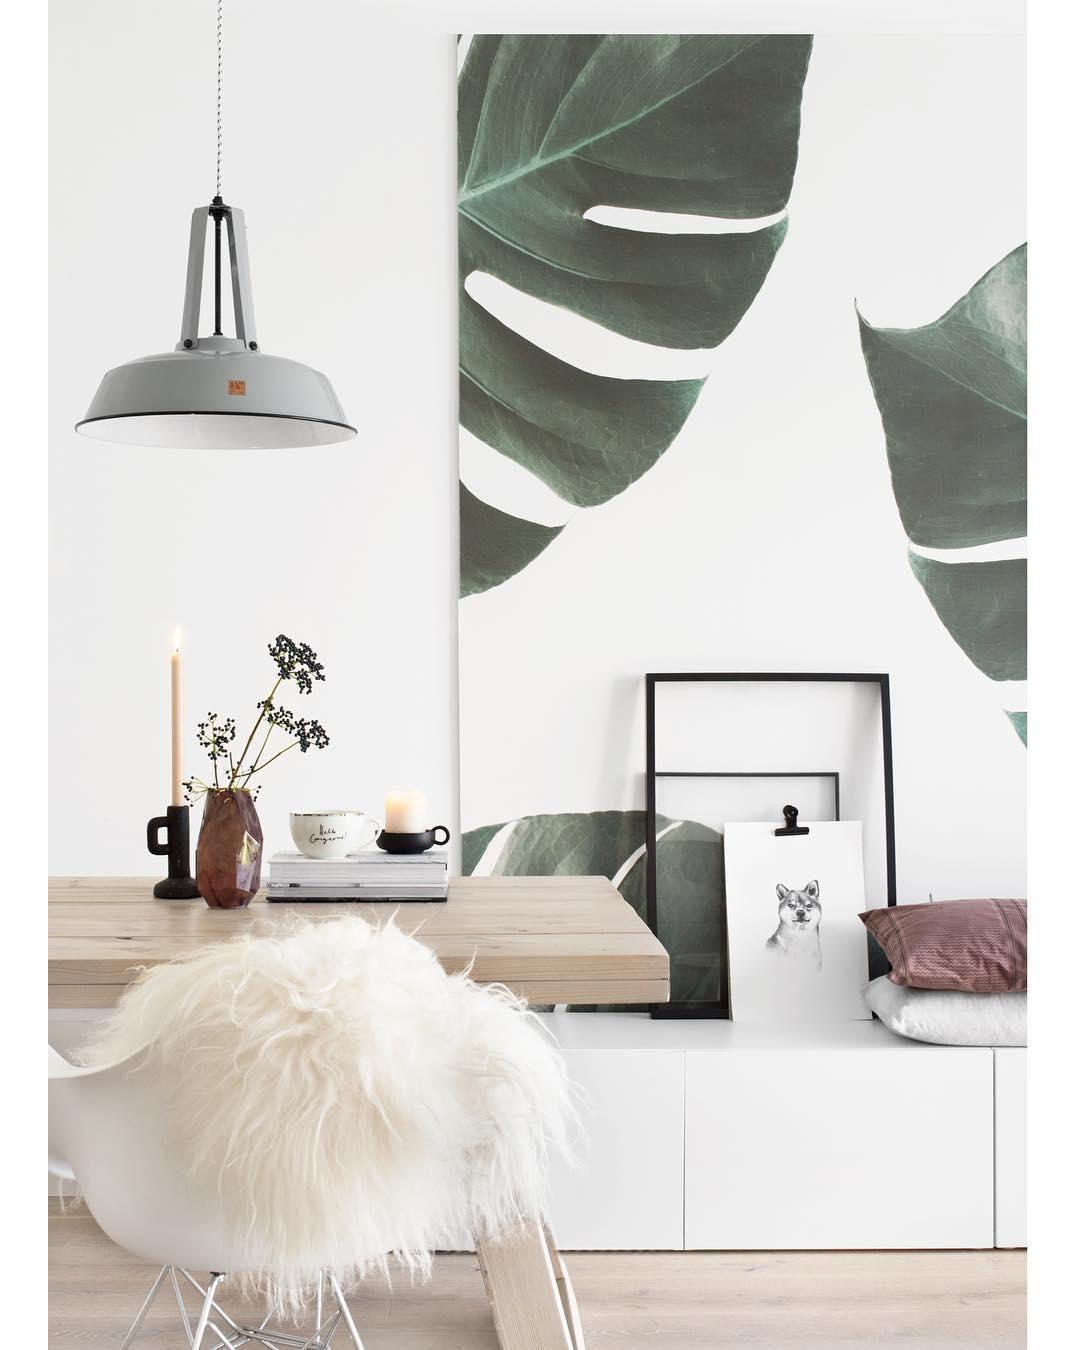 der trend geht zur gem tlichkeit ein kuscheliges fell verleiht jedem zuhause einen touch. Black Bedroom Furniture Sets. Home Design Ideas